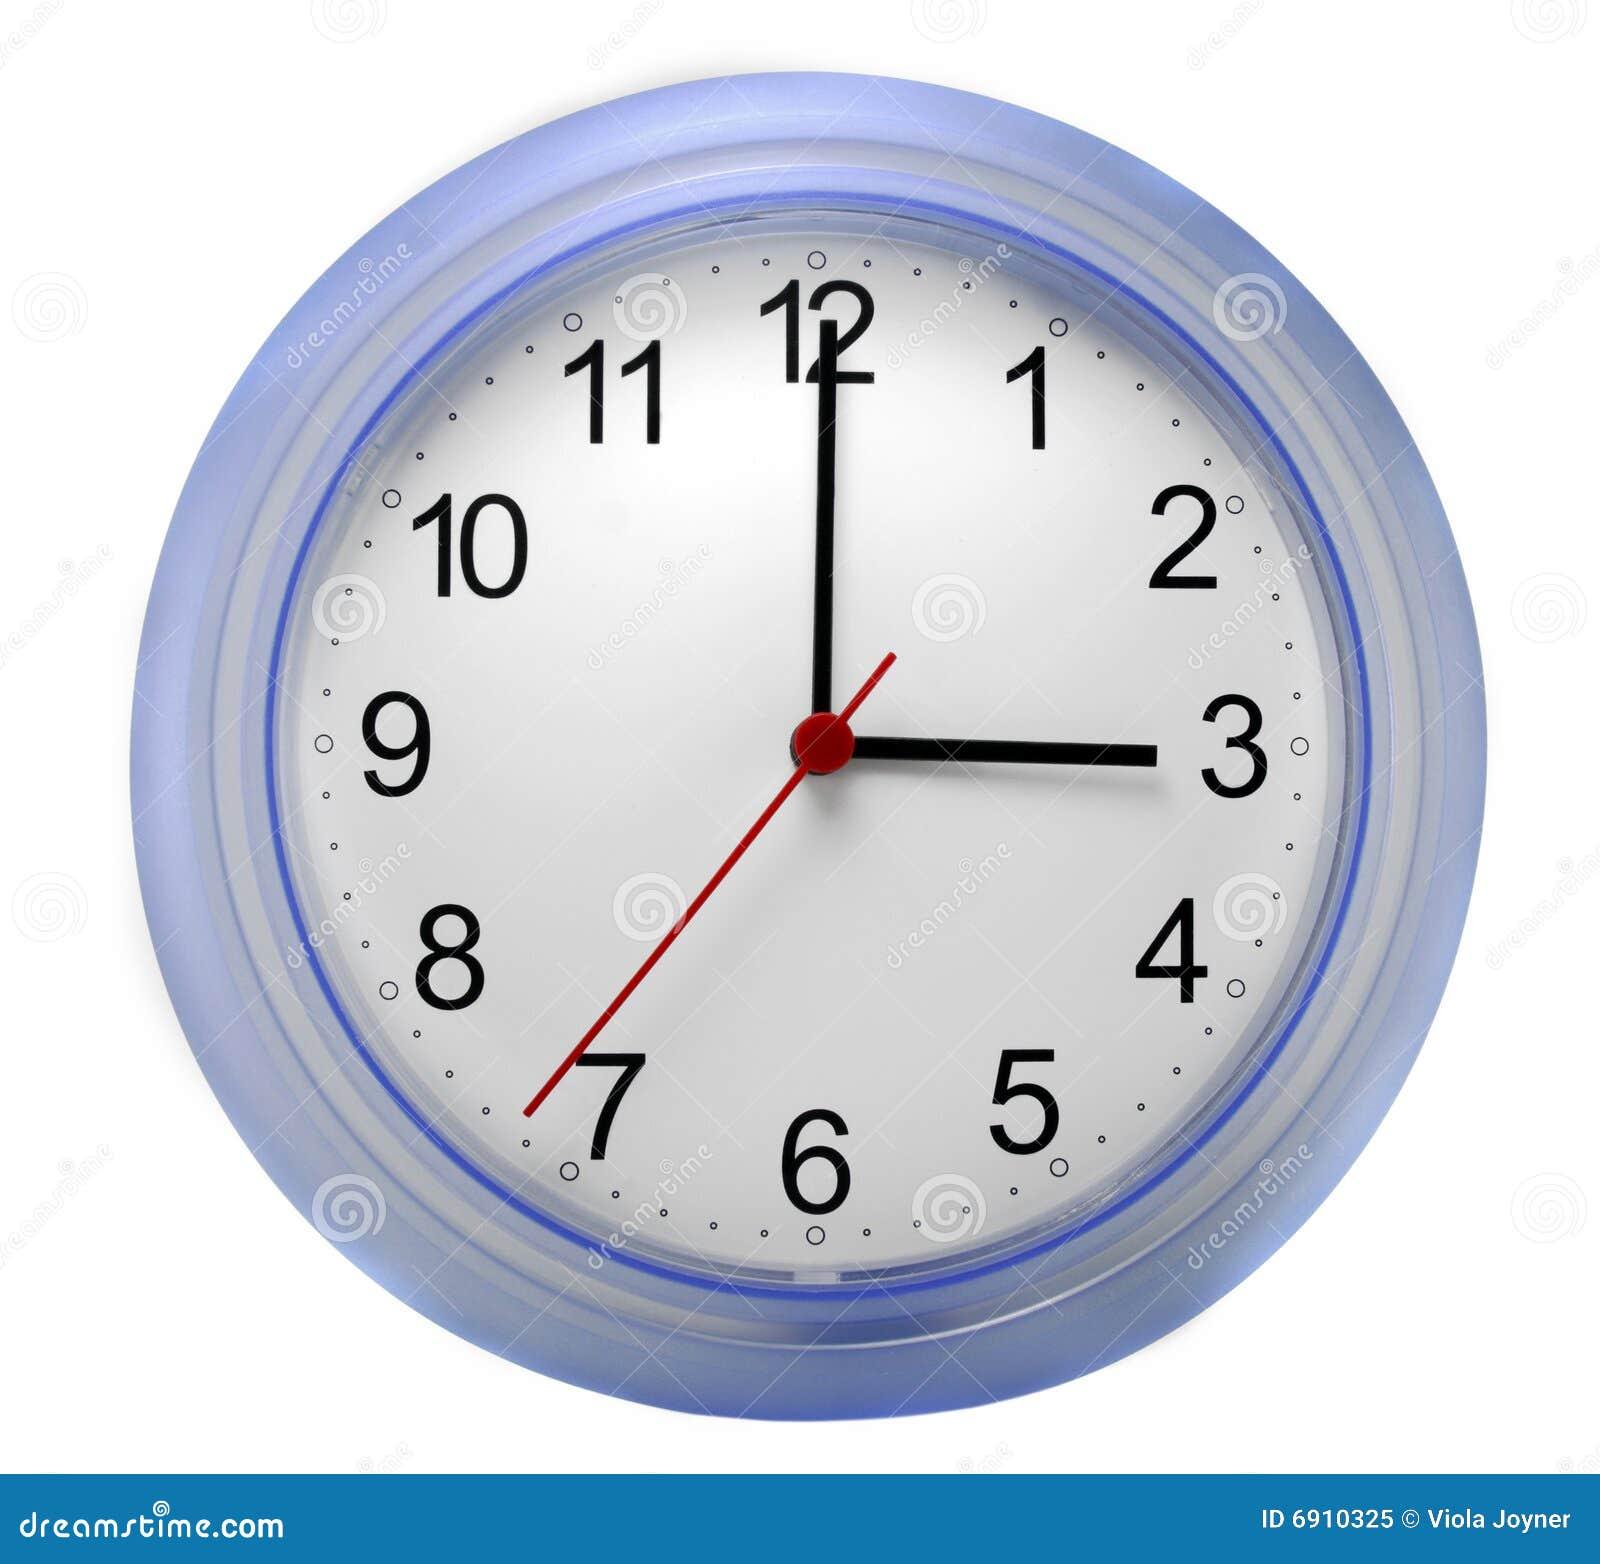 Reloj de pared foto de archivo libre de regal as imagen - Relojes de pared diseno ...